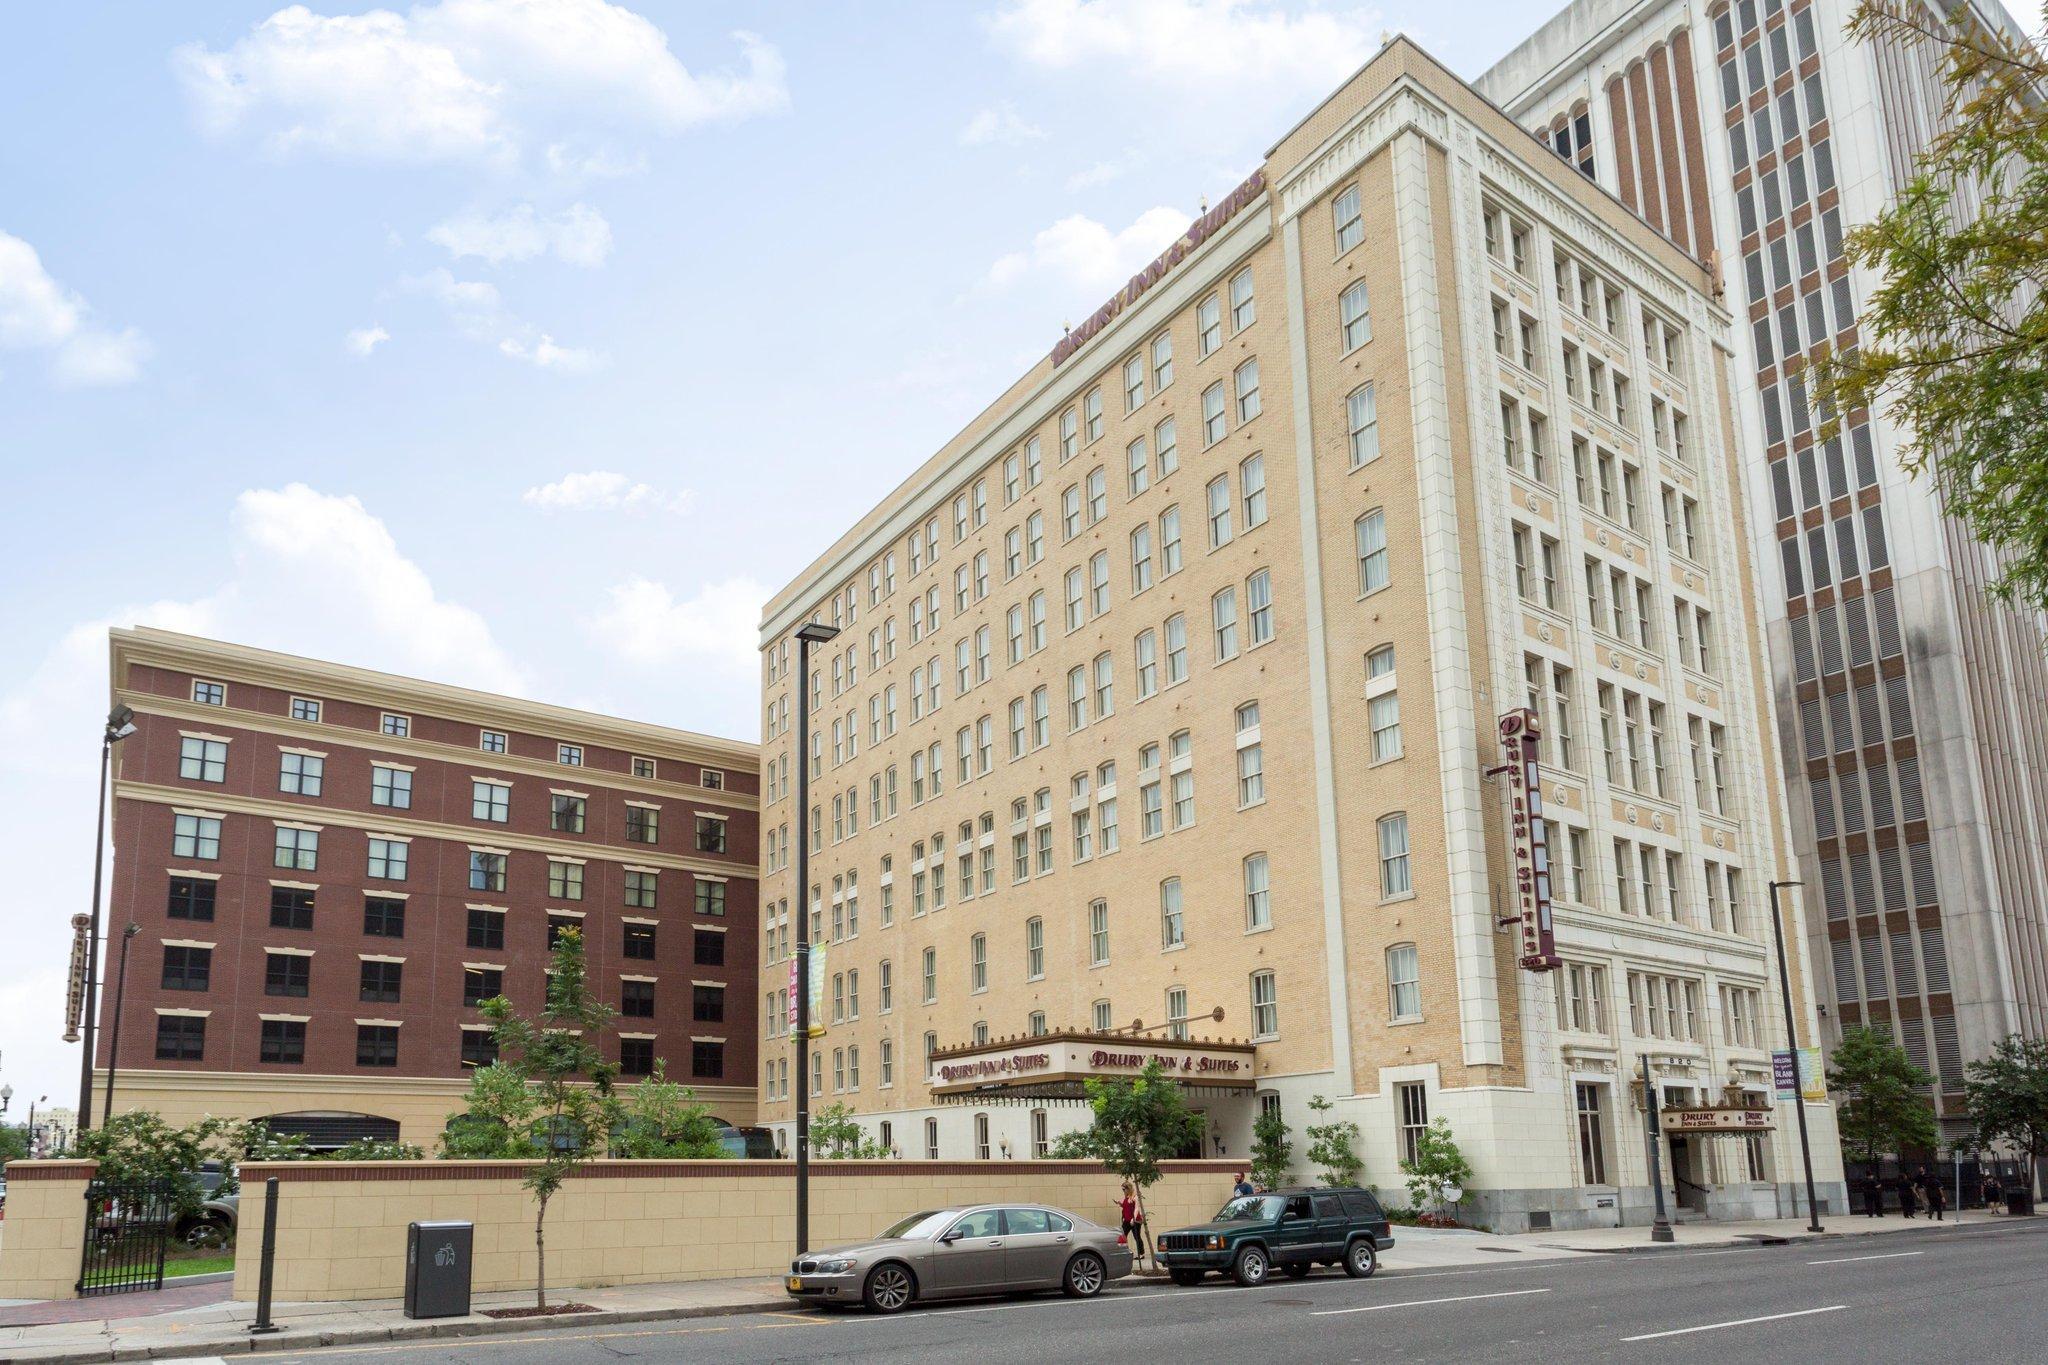 Drury Inn & Suites - New Orleans